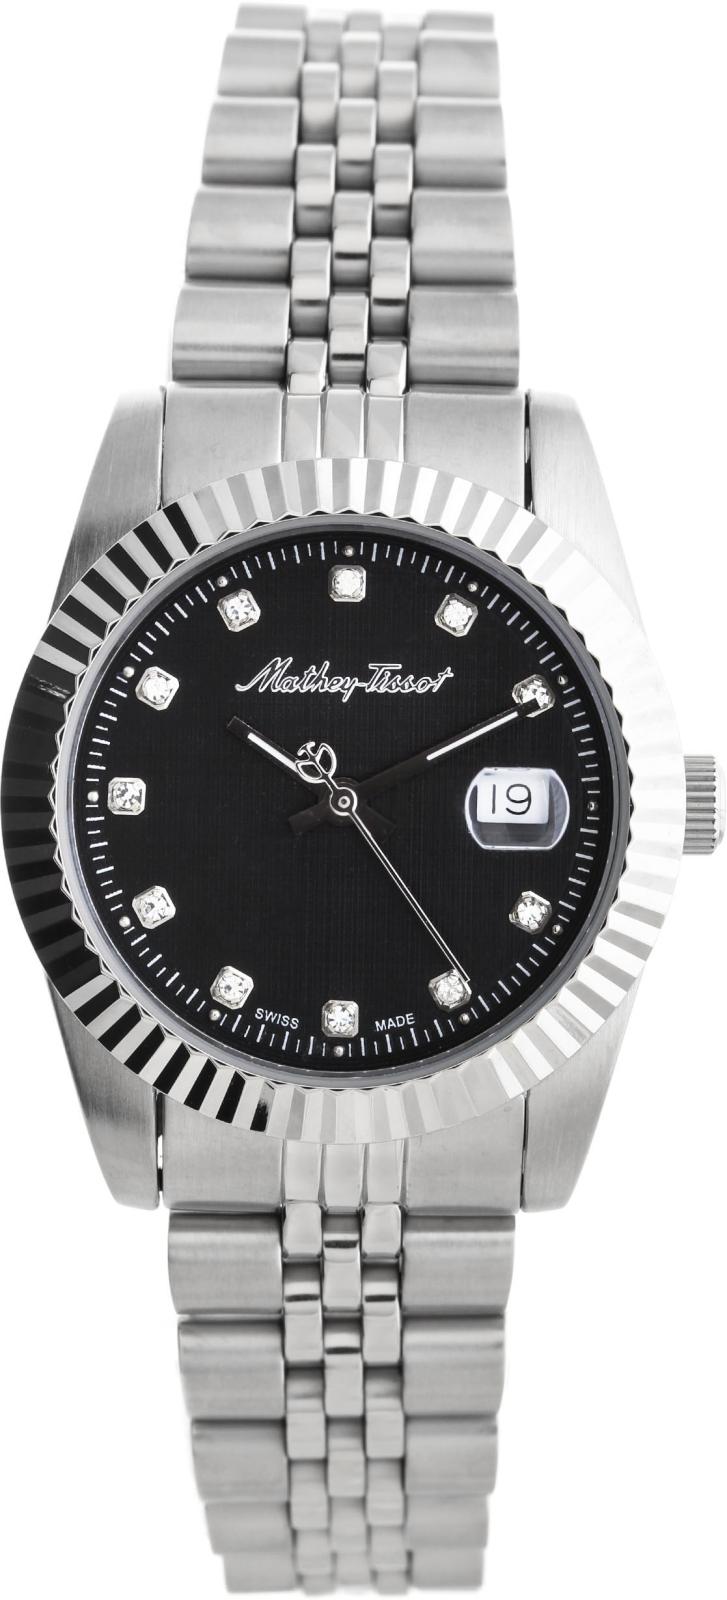 Mathey-Tissot Rolly D810ANНаручные часы<br>Швейцарские часы Mathey-Tissot Rolly D810AN<br><br>Пол: Женские<br>Страна-производитель: Швейцария<br>Механизм: Кварцевый<br>Материал корпуса: Сталь<br>Материал ремня/браслета: Сталь<br>Водозащита, диапазон: None<br>Стекло: Минеральное<br>Толщина корпуса: None<br>Стиль: None